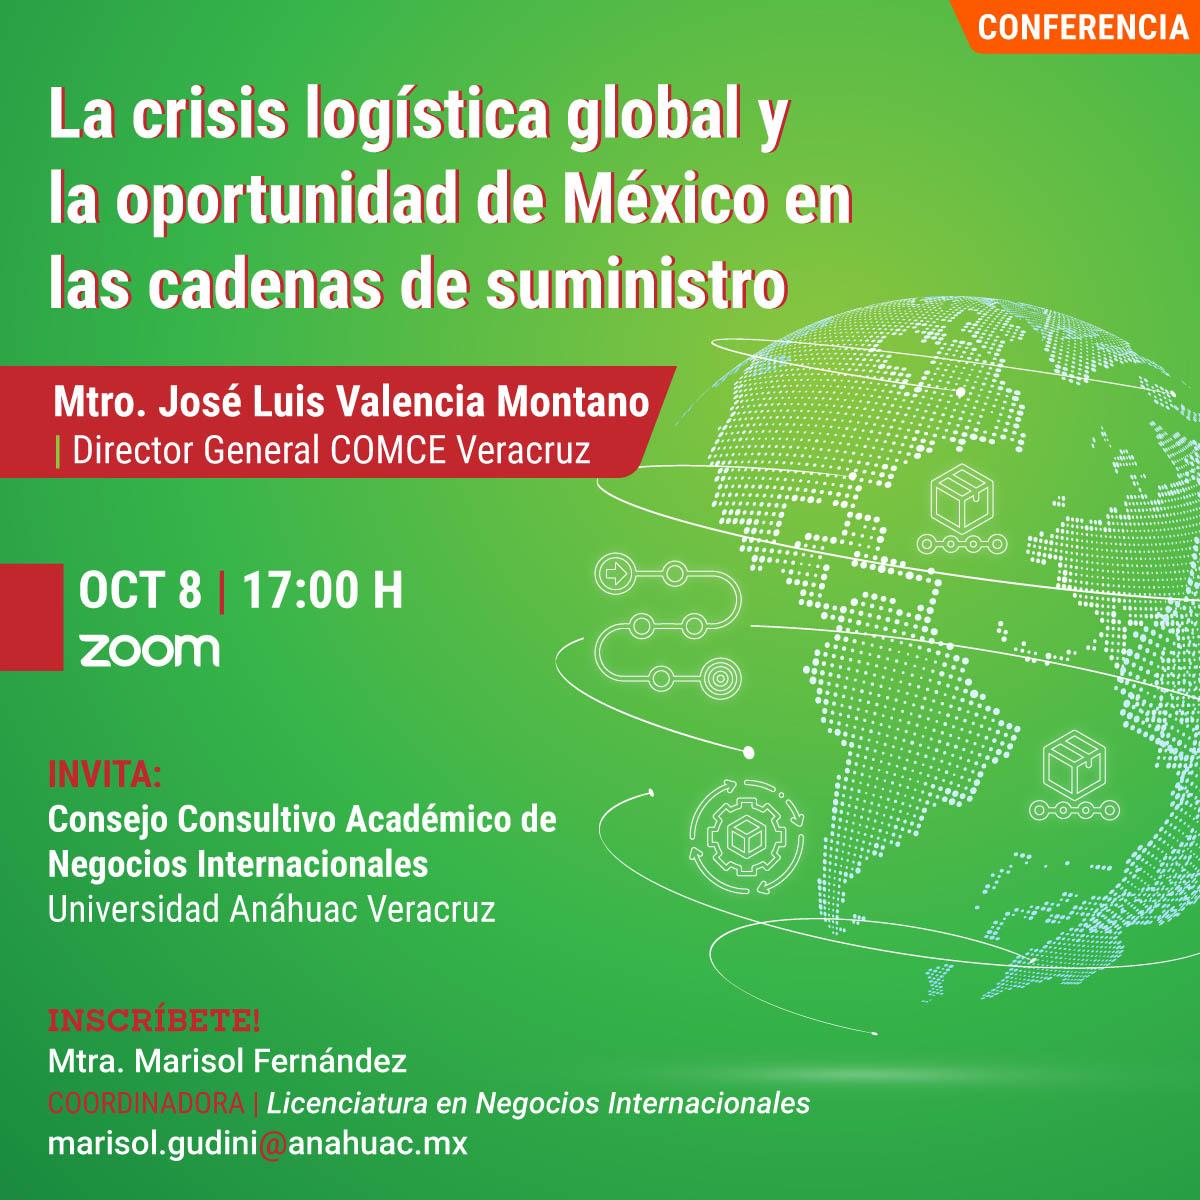 La Crisis Logística Global y la Oportunidad de México en las Cadenas de Suministro